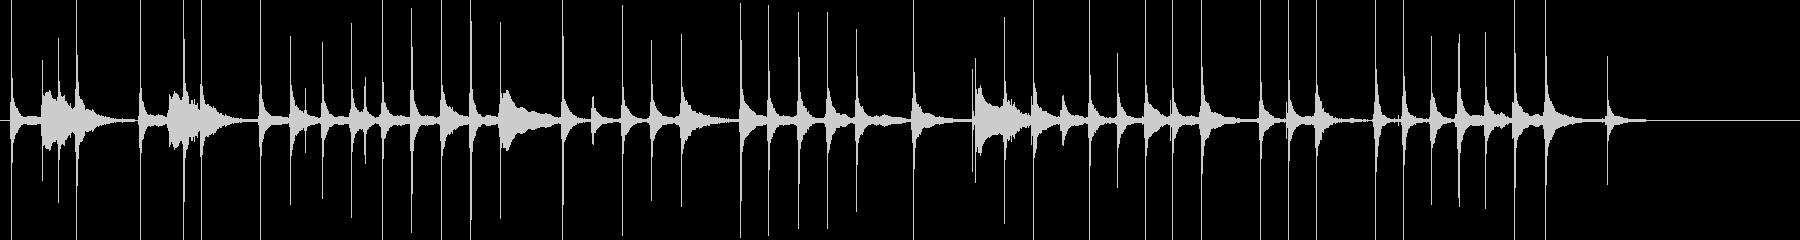 三味線26娘道成寺5日本式レビューショーの未再生の波形